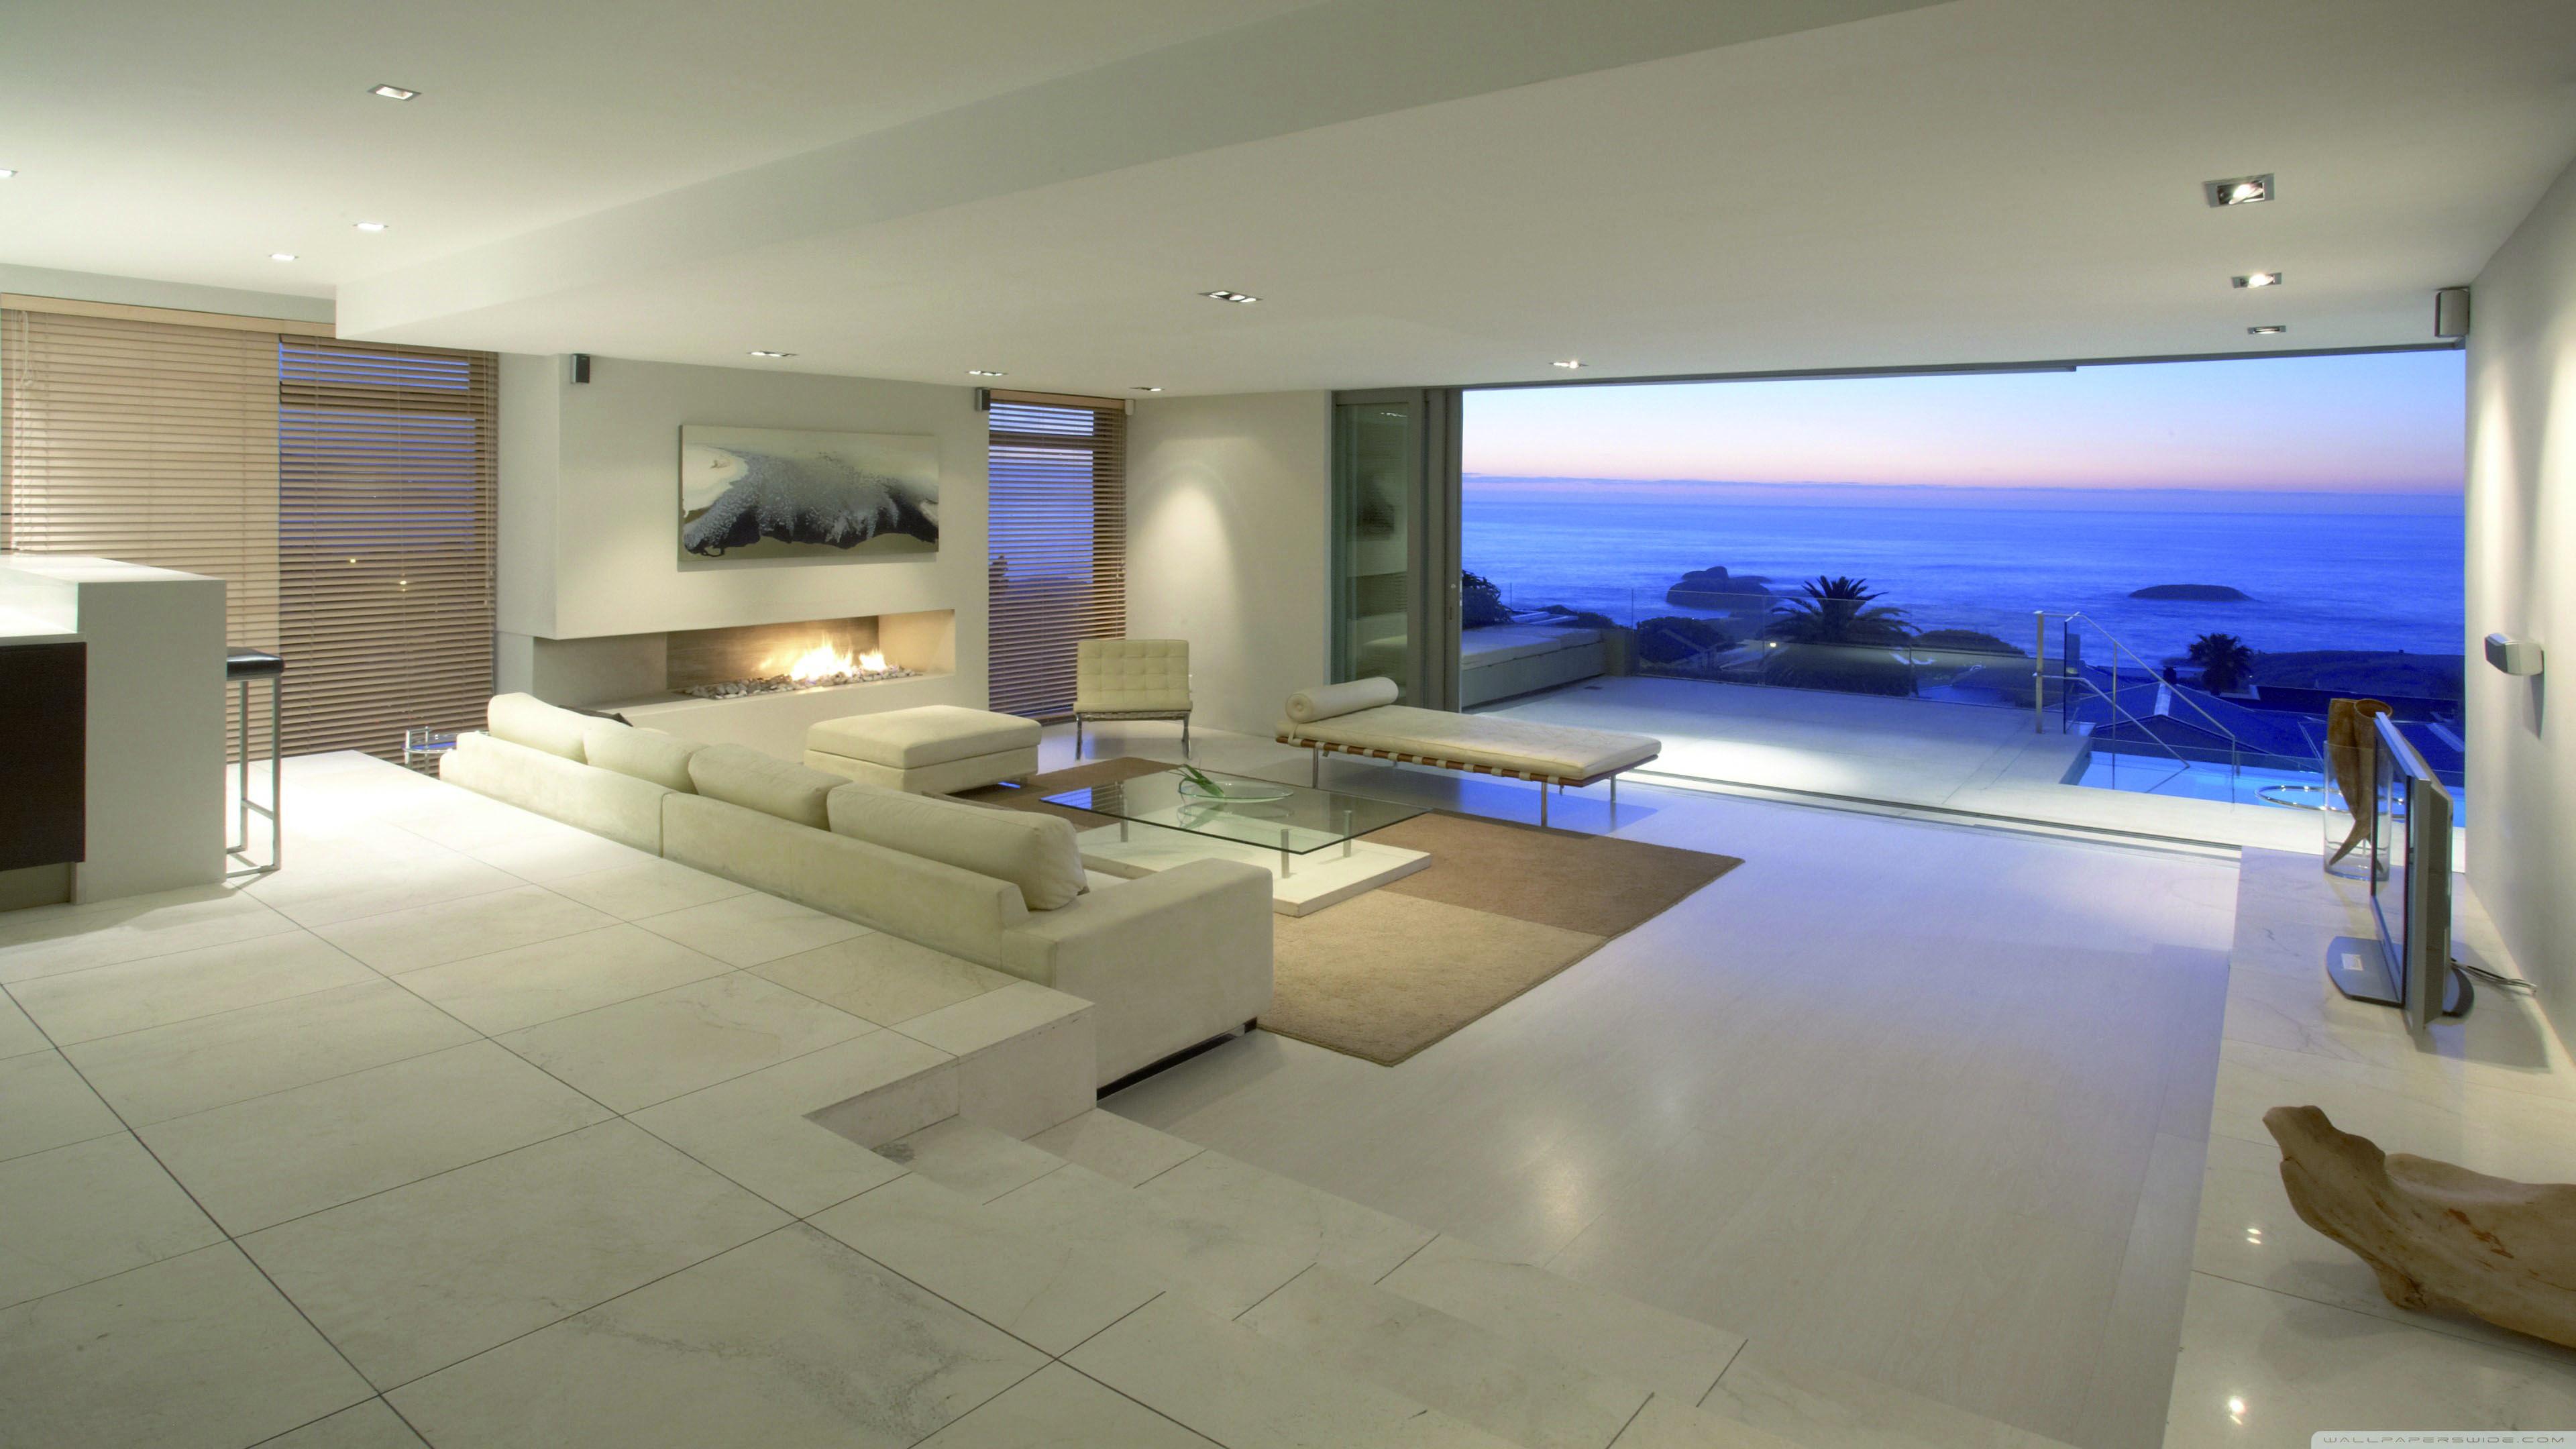 Interni Case Di Lusso Foto biohaus #interiordesign #architettura | case di lusso, idee